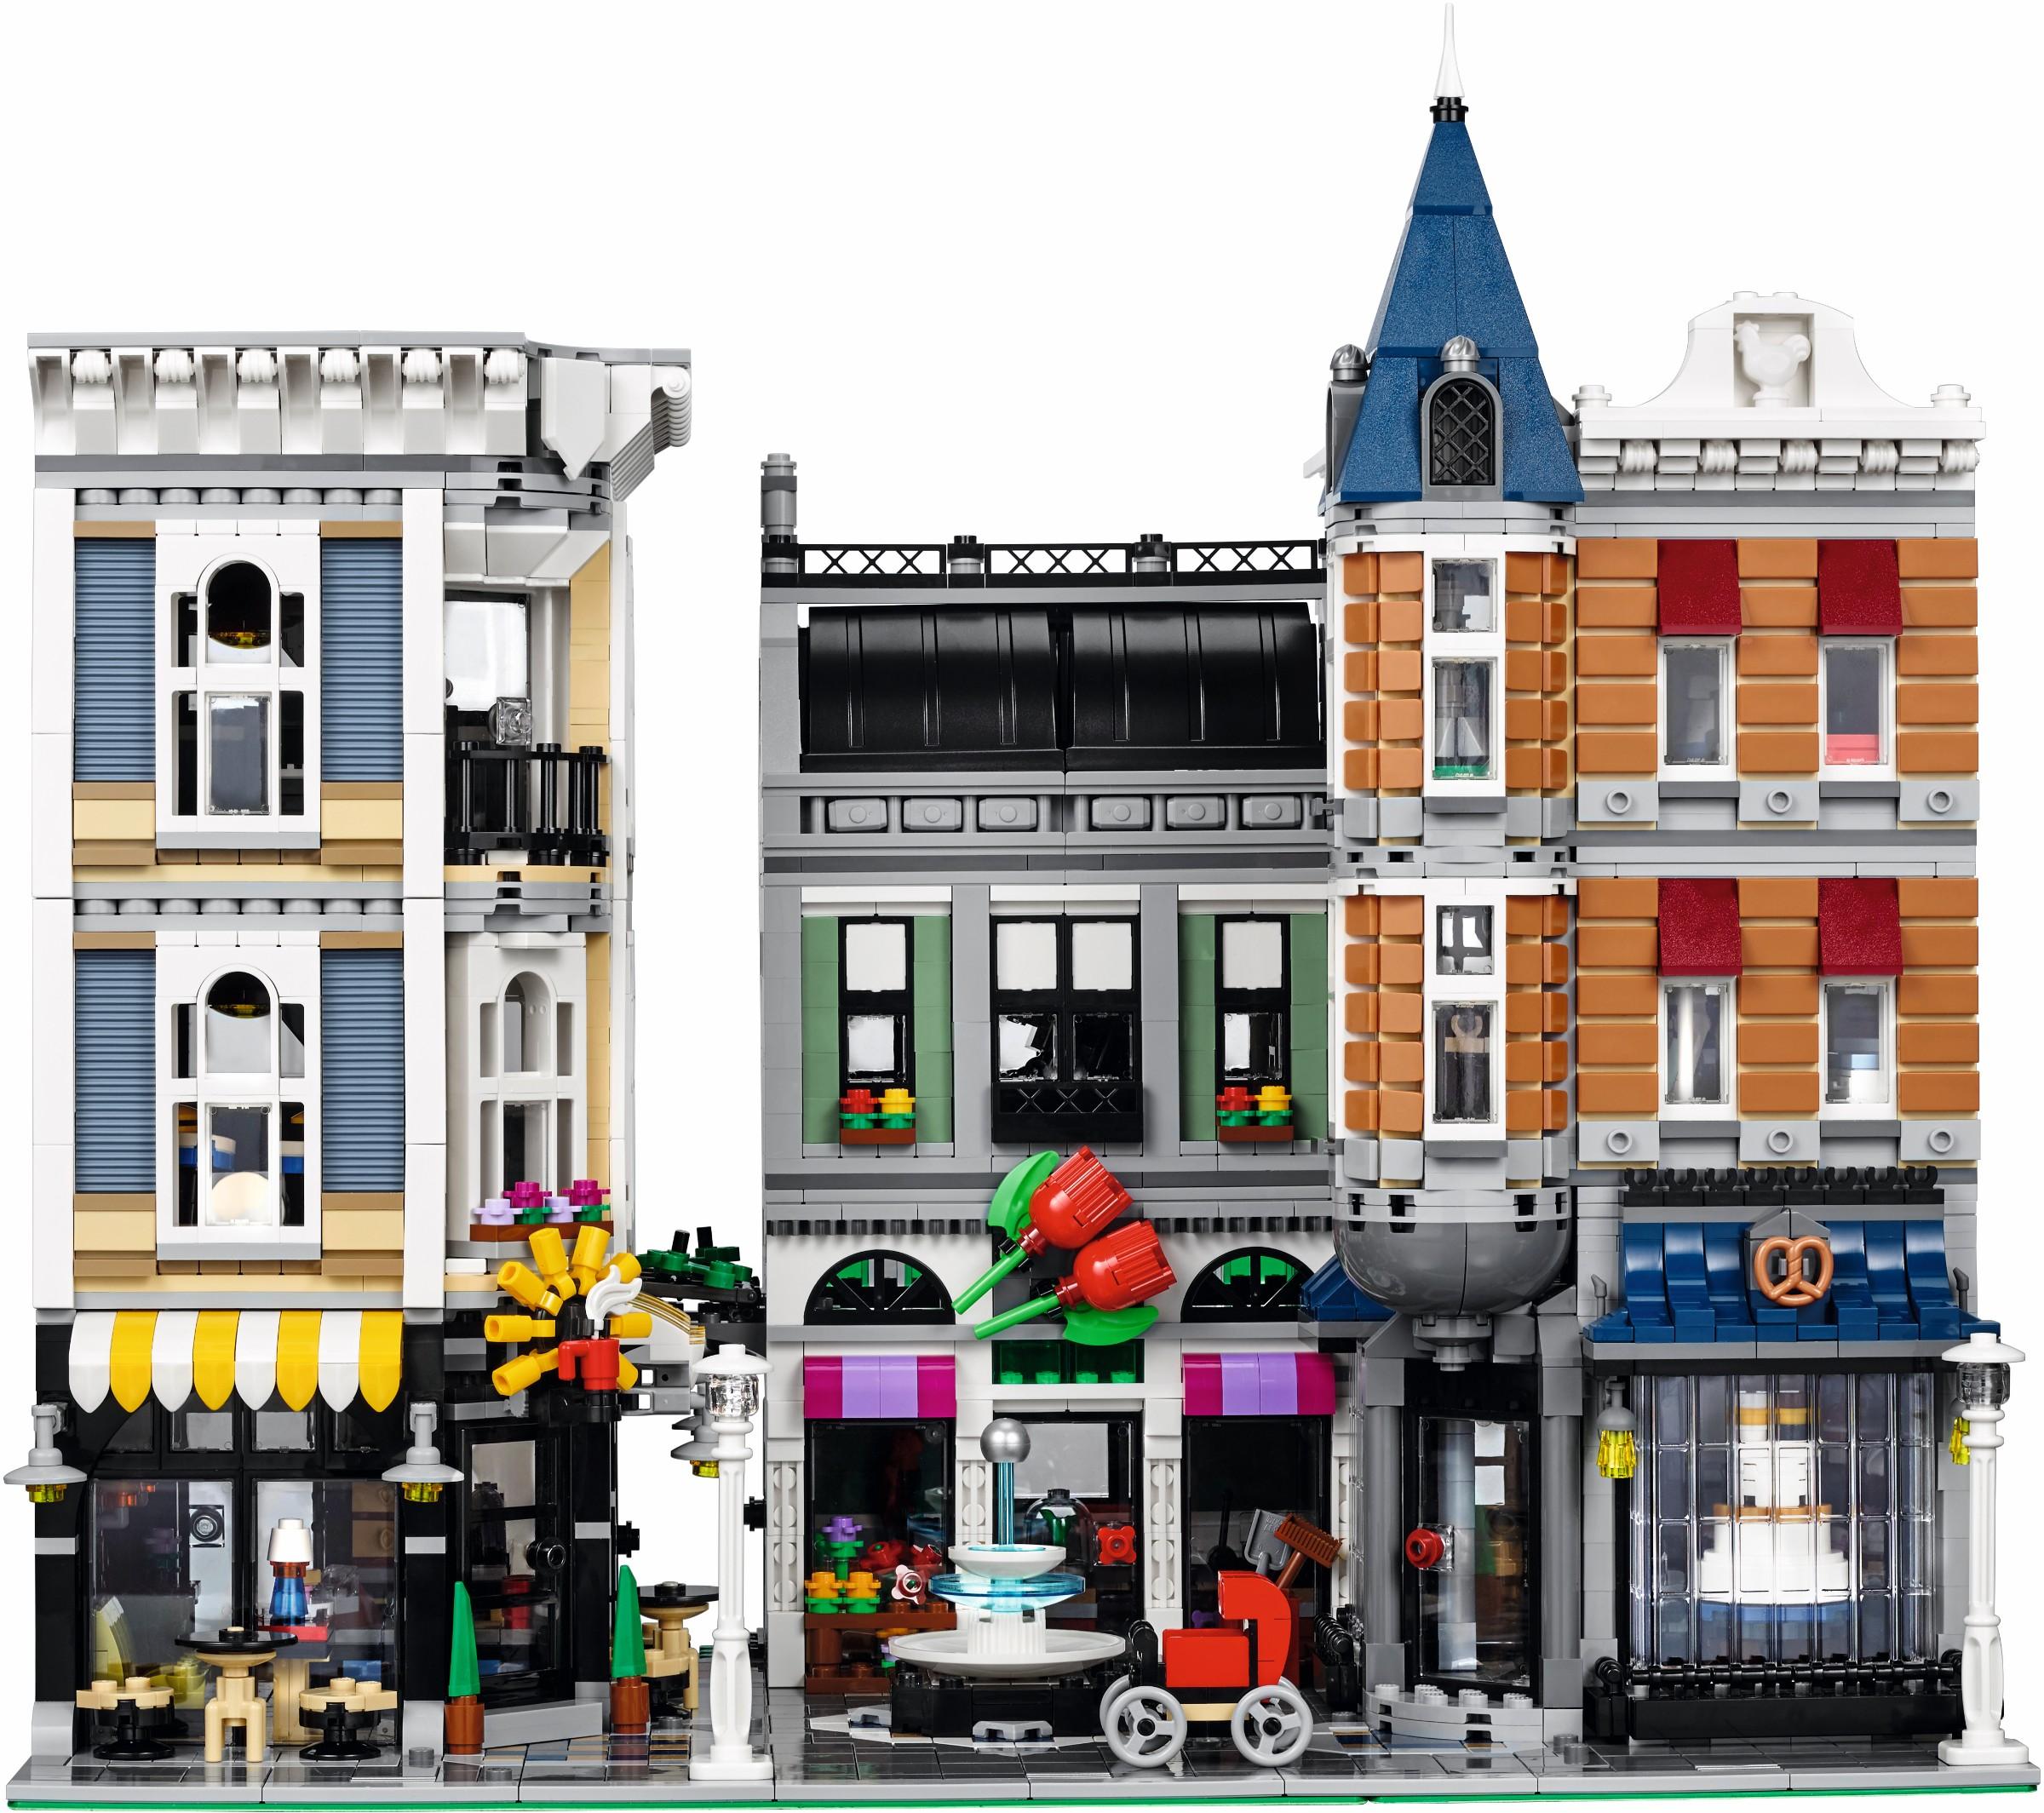 http://images.brickset.com/sets/AdditionalImages/10255-1/10255_Front_02.jpg